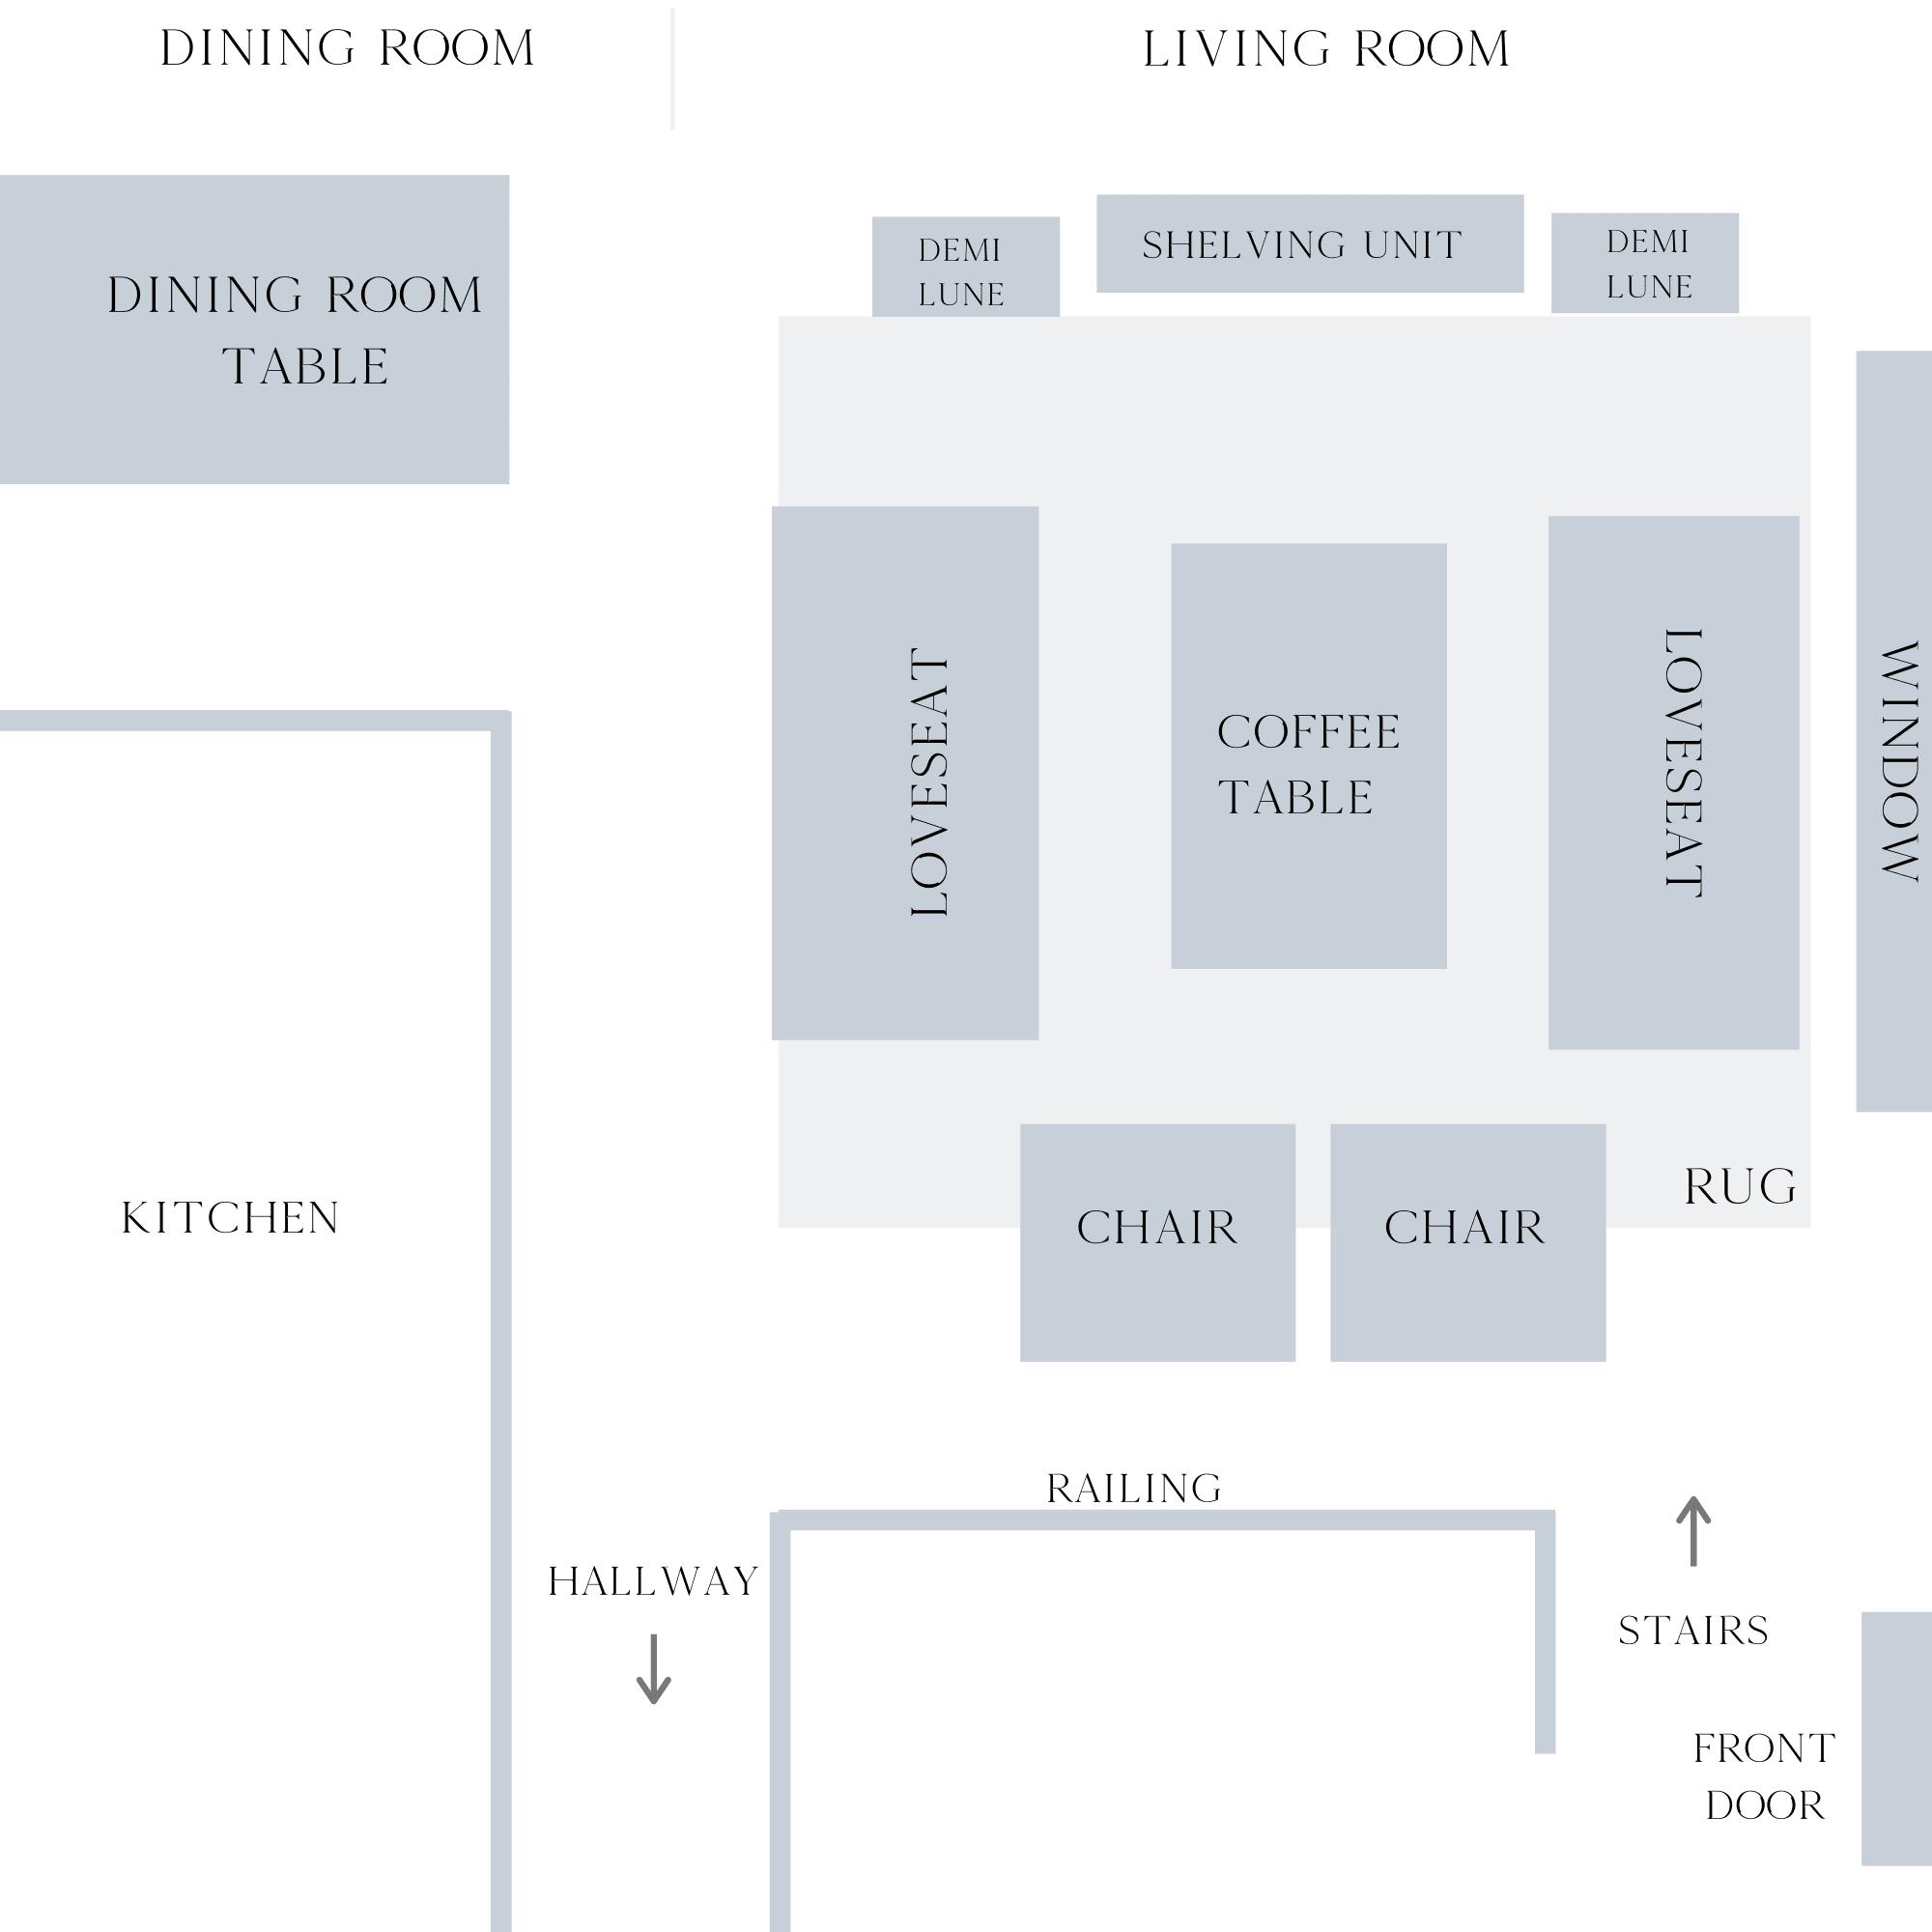 living-room-layout-bi-level